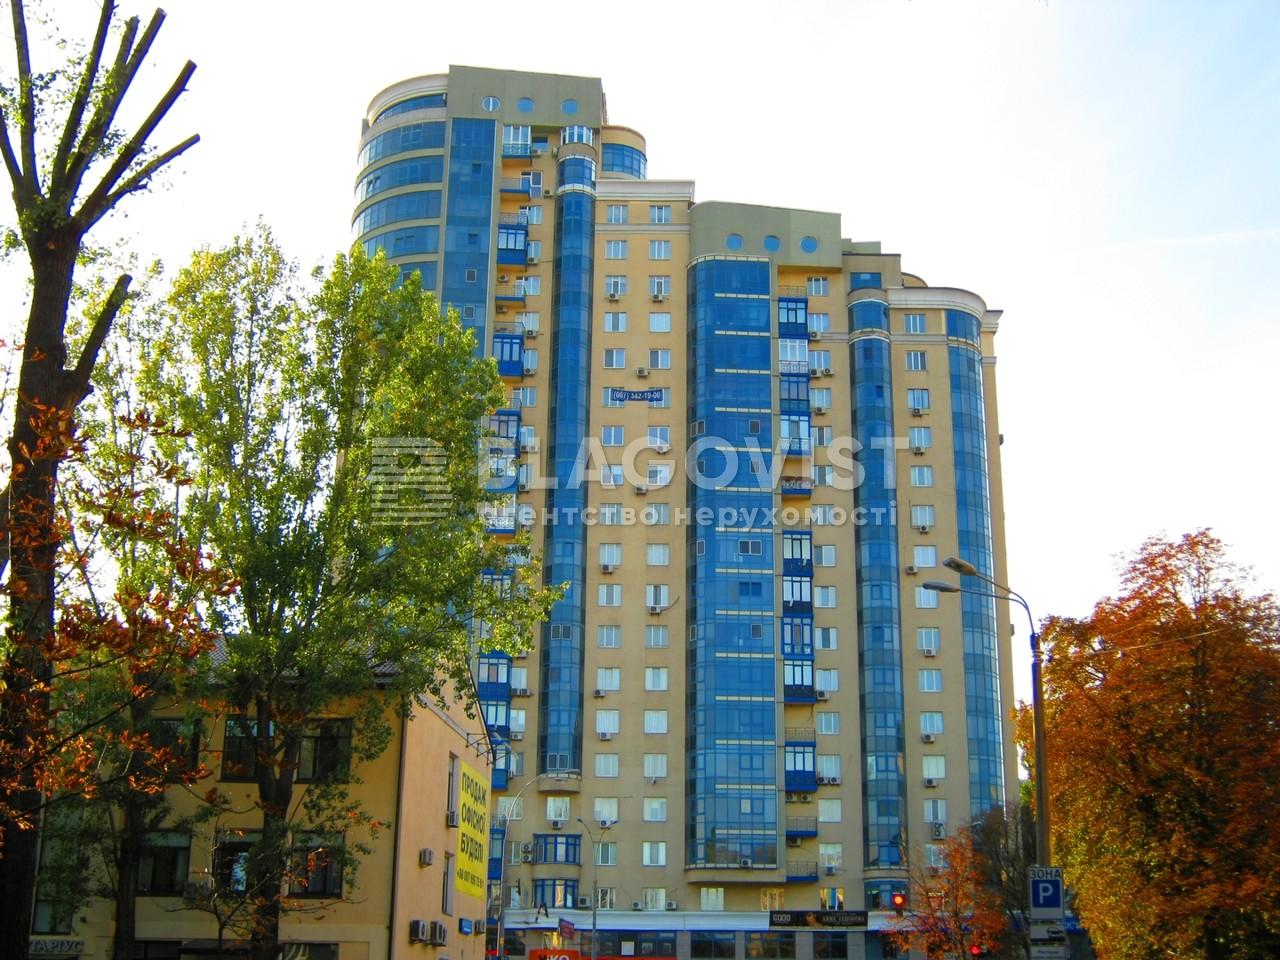 Квартира P-5530, Московская, 46/2, Киев - Фото 3